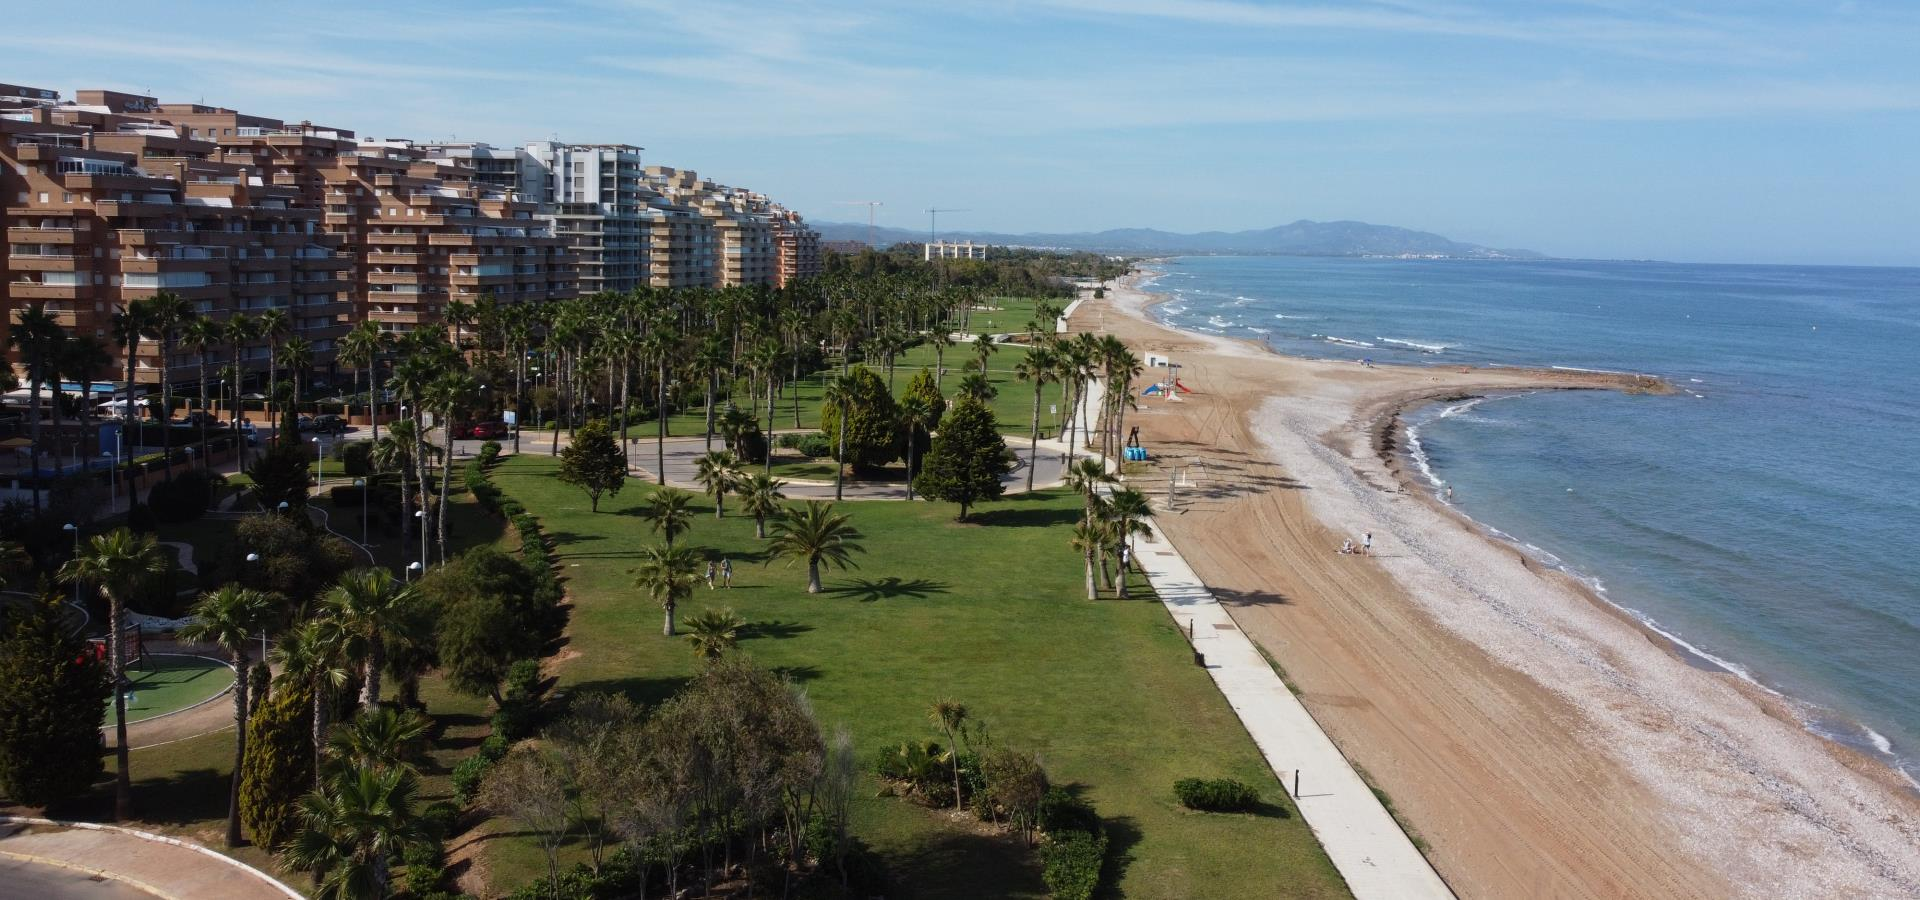 Alquiler Y Venta De Apartamentos En Marina Dor Oropesa Del Mar